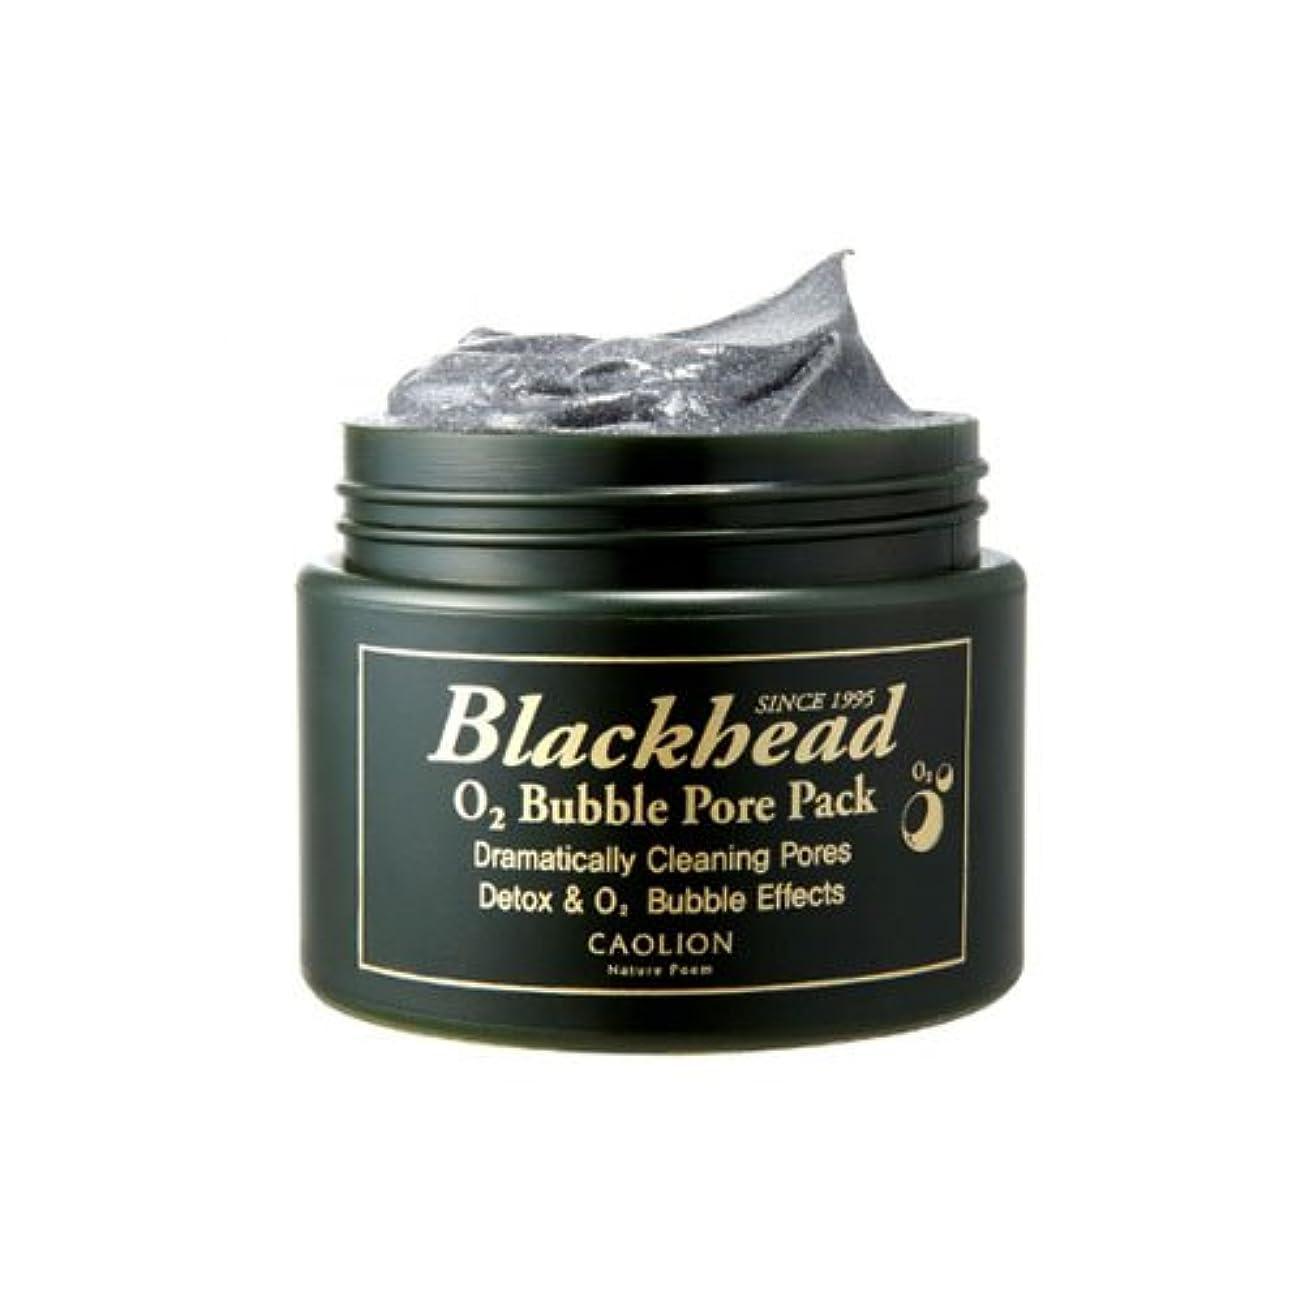 水平メロディアストランクライブラリカオリオン ブラックヘッド O2 バブル ポア パック (50g) [海外直送品][並行輸入品]